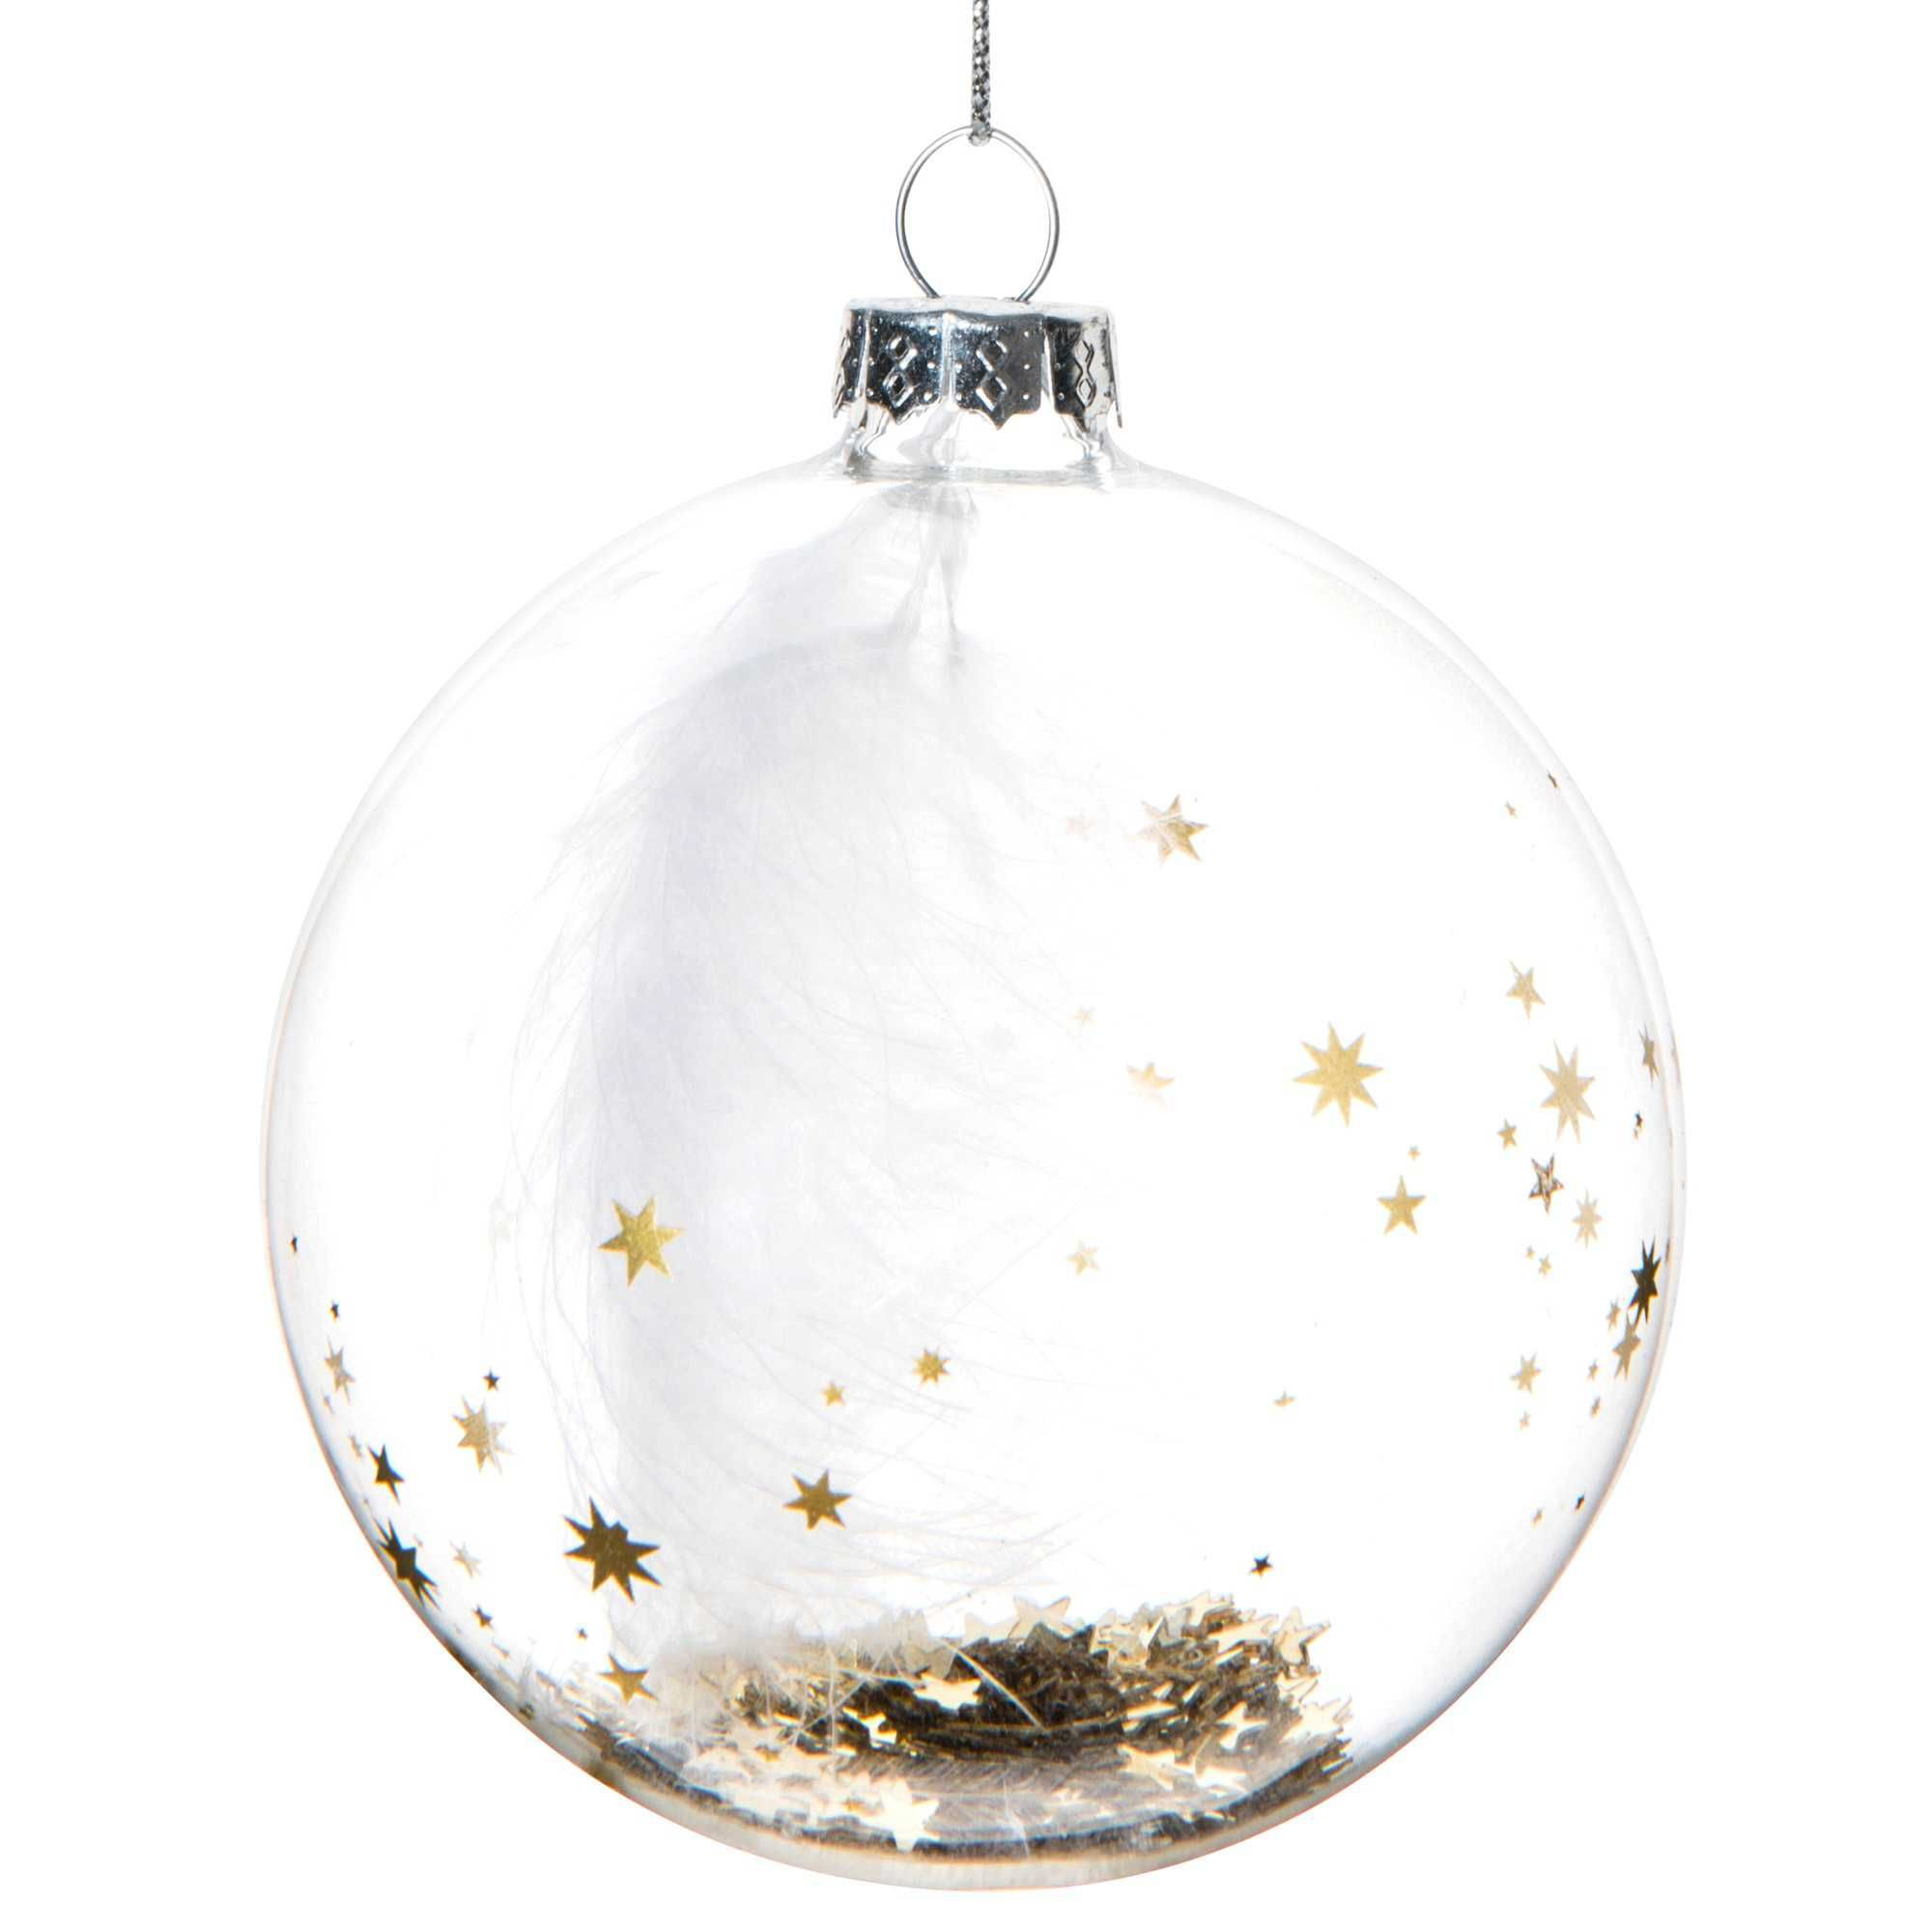 Boule De Noel Transparente A Decorer décorations de noël | boule de noel transparente, decoration